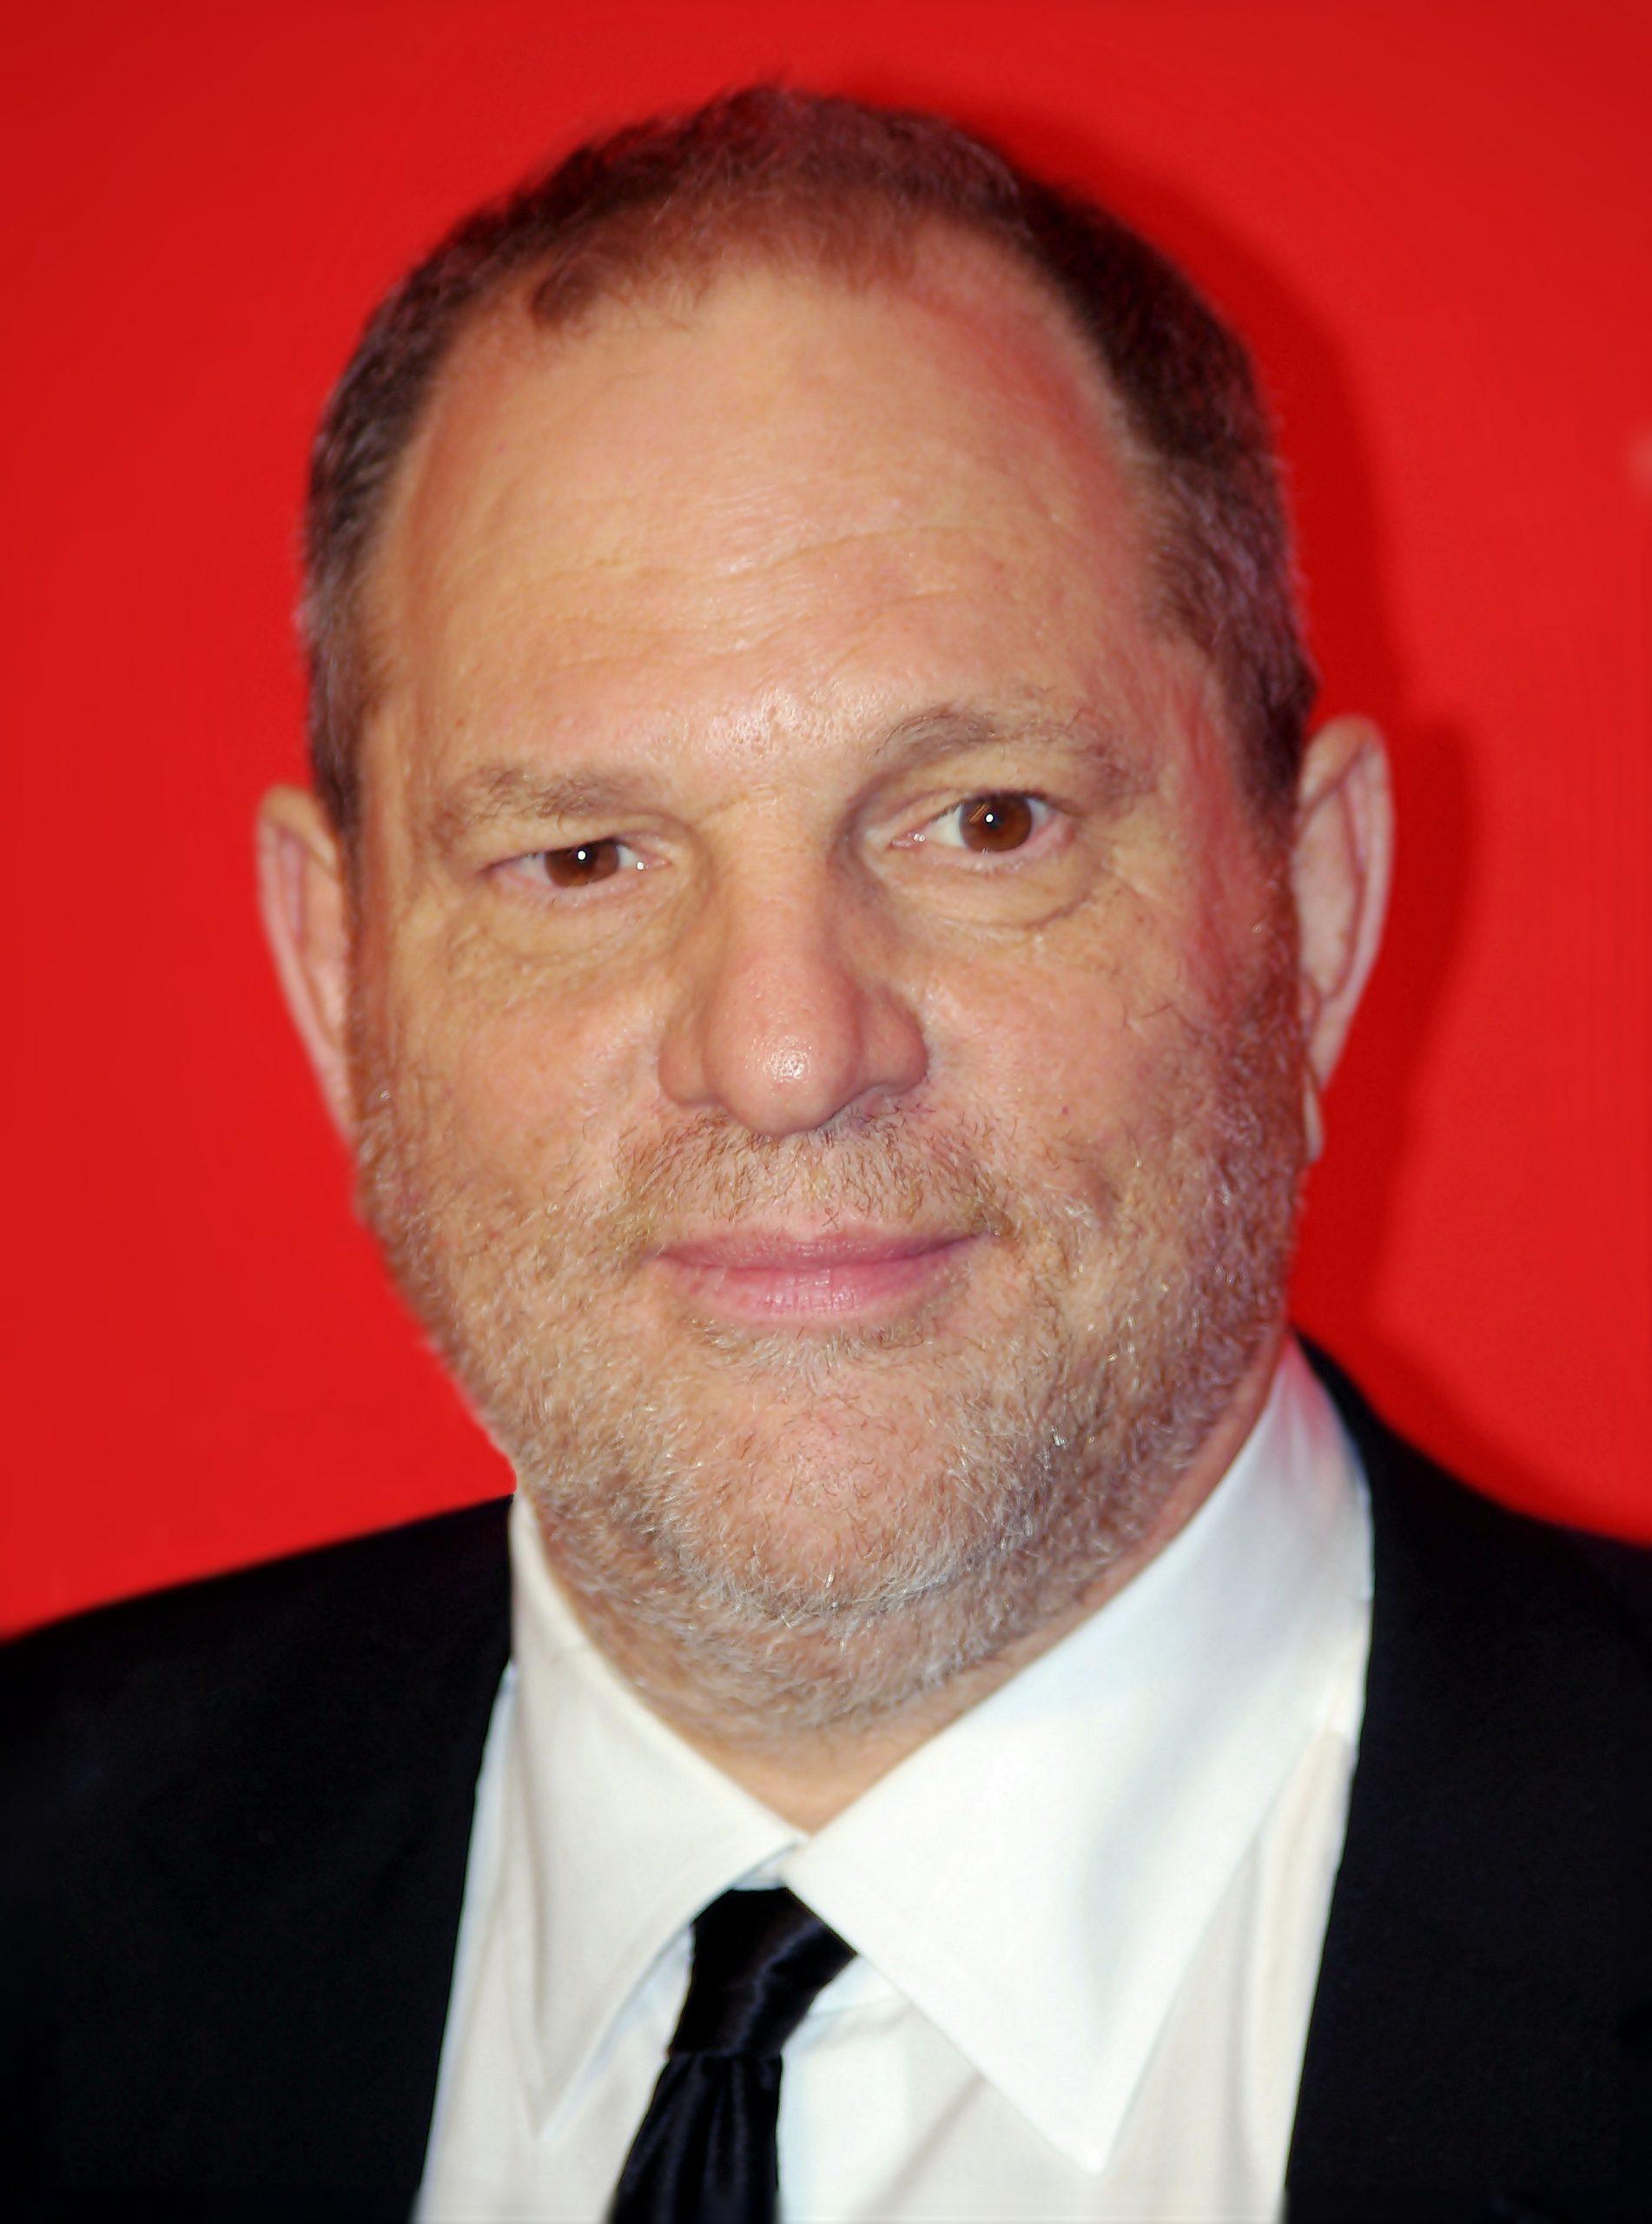 Άλλες τέσσερις γυναίκες κατηγορούν τον Weinstein για βιασμό. Το #metoo συνεχίζεται